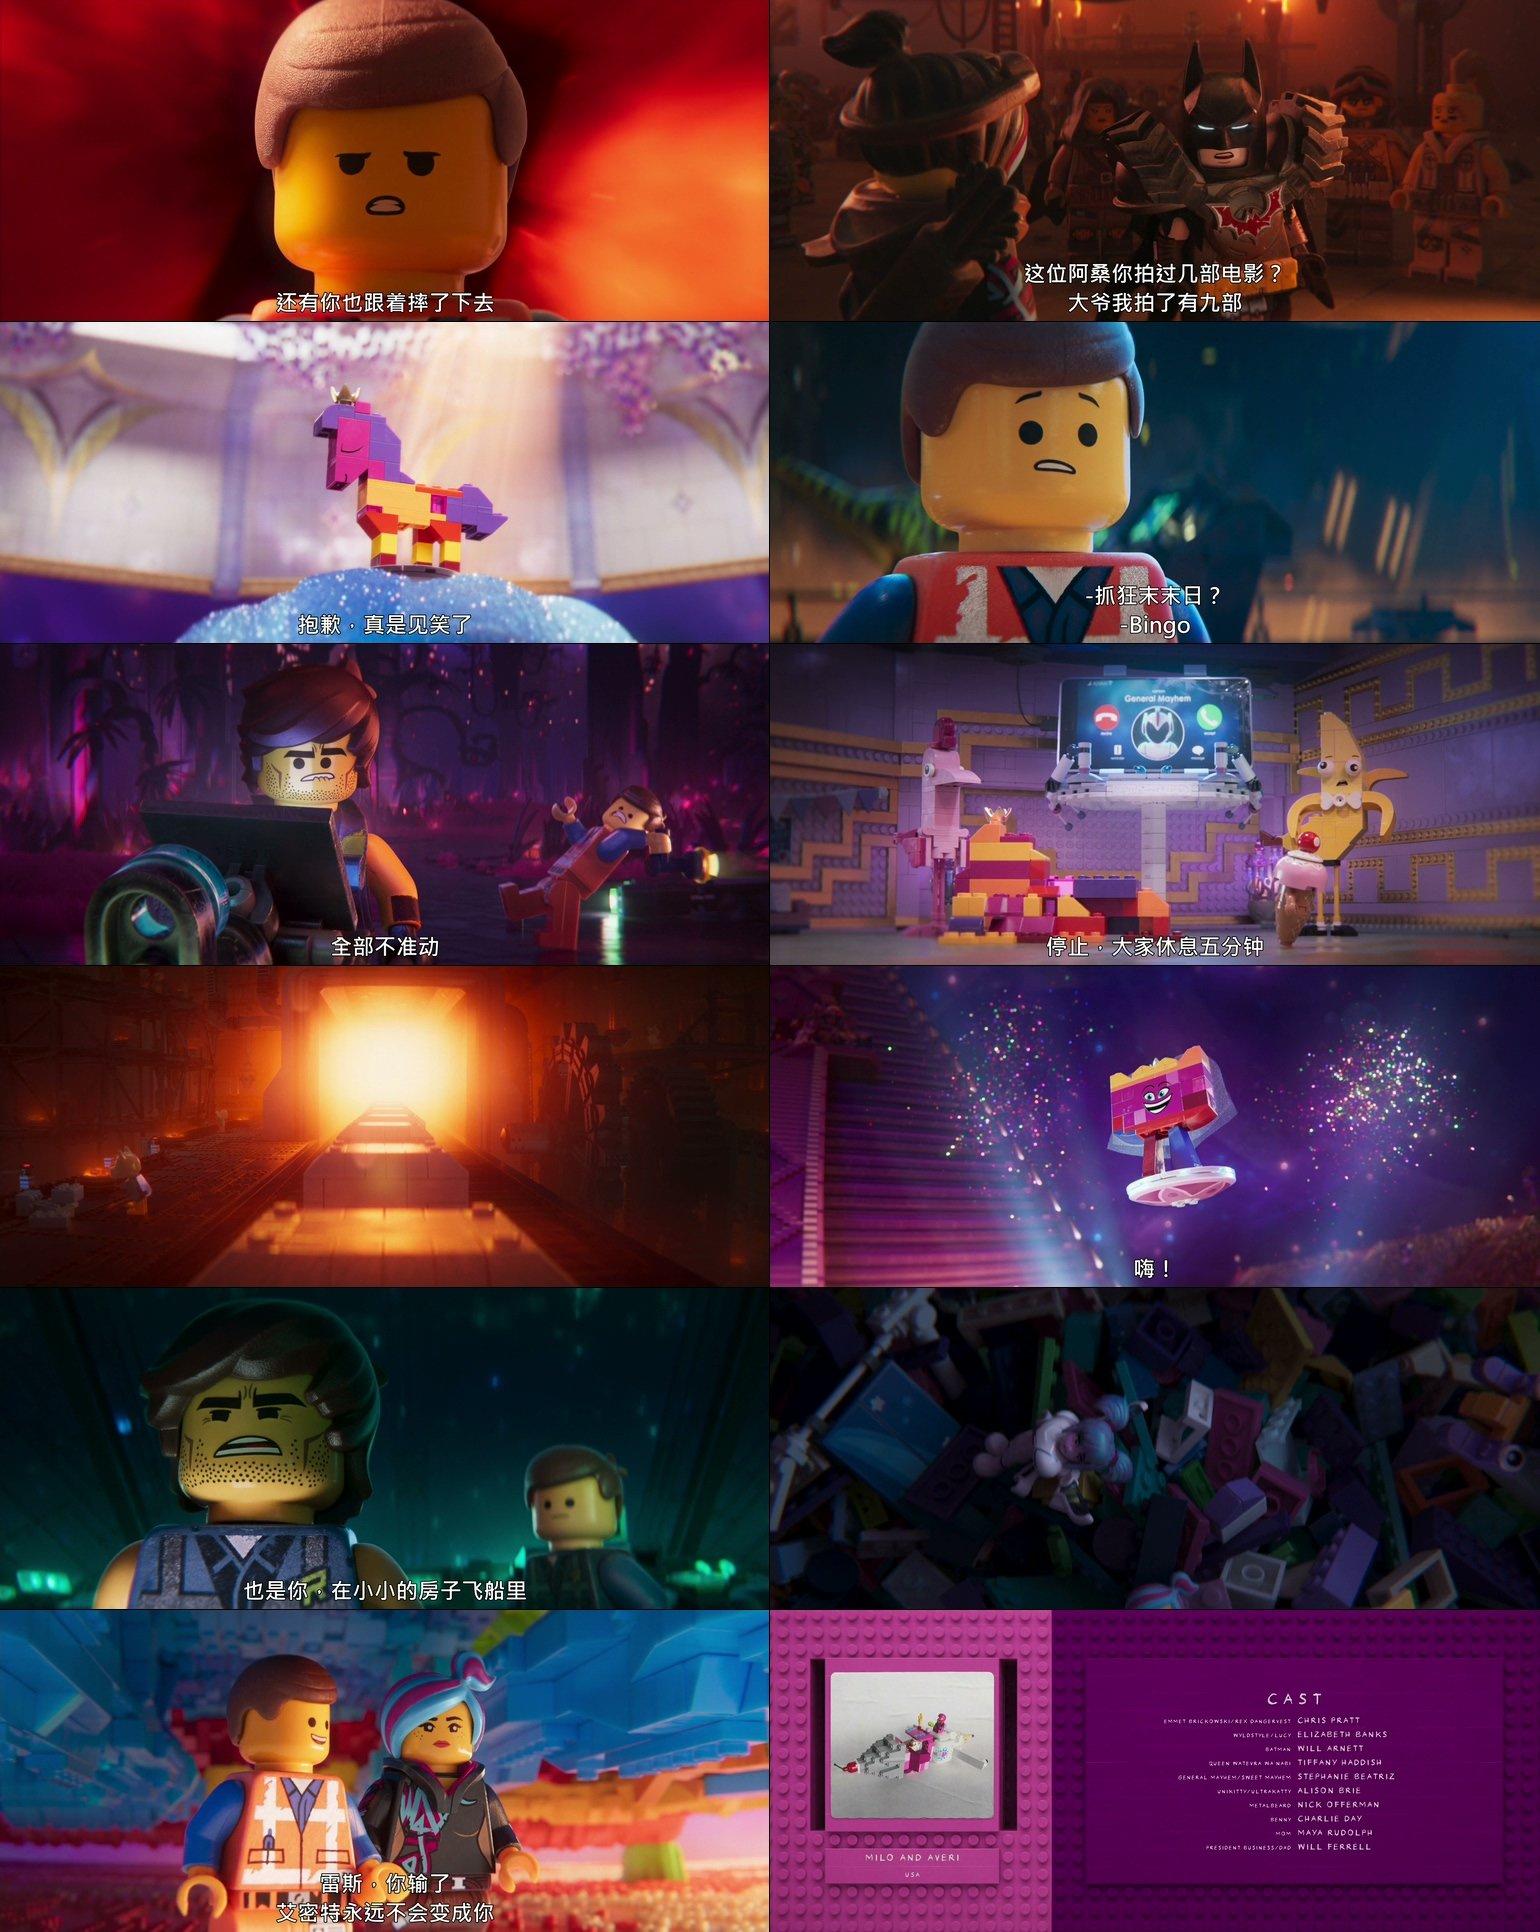 這邊是[美] 乐高大电影2/LEGO英雄传2.2019.BD-1080p[MKV@2G@繁簡英]圖片的自定義alt信息;548832,731025,haokuku,77